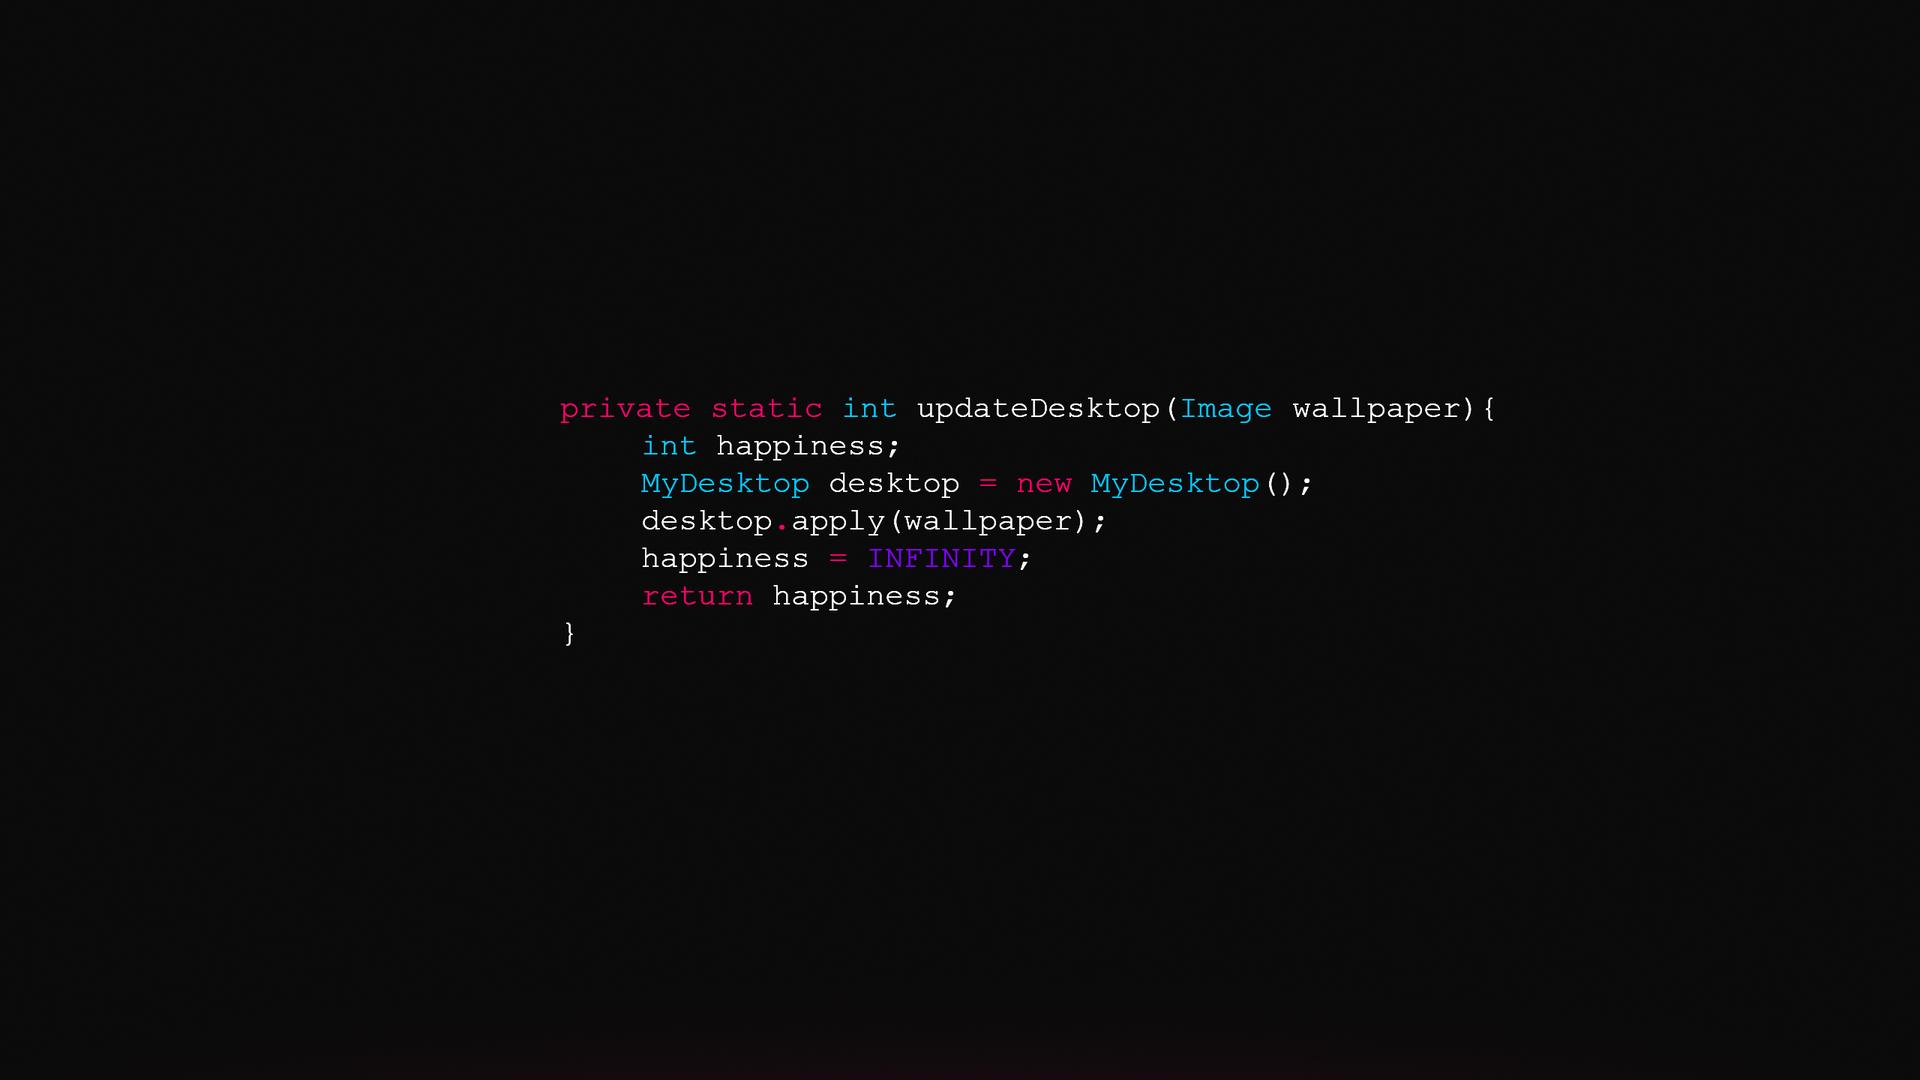 37 Programmer Code Wallpaper Backgrounds Free Download   Code in 2019   Code wallpaper ...